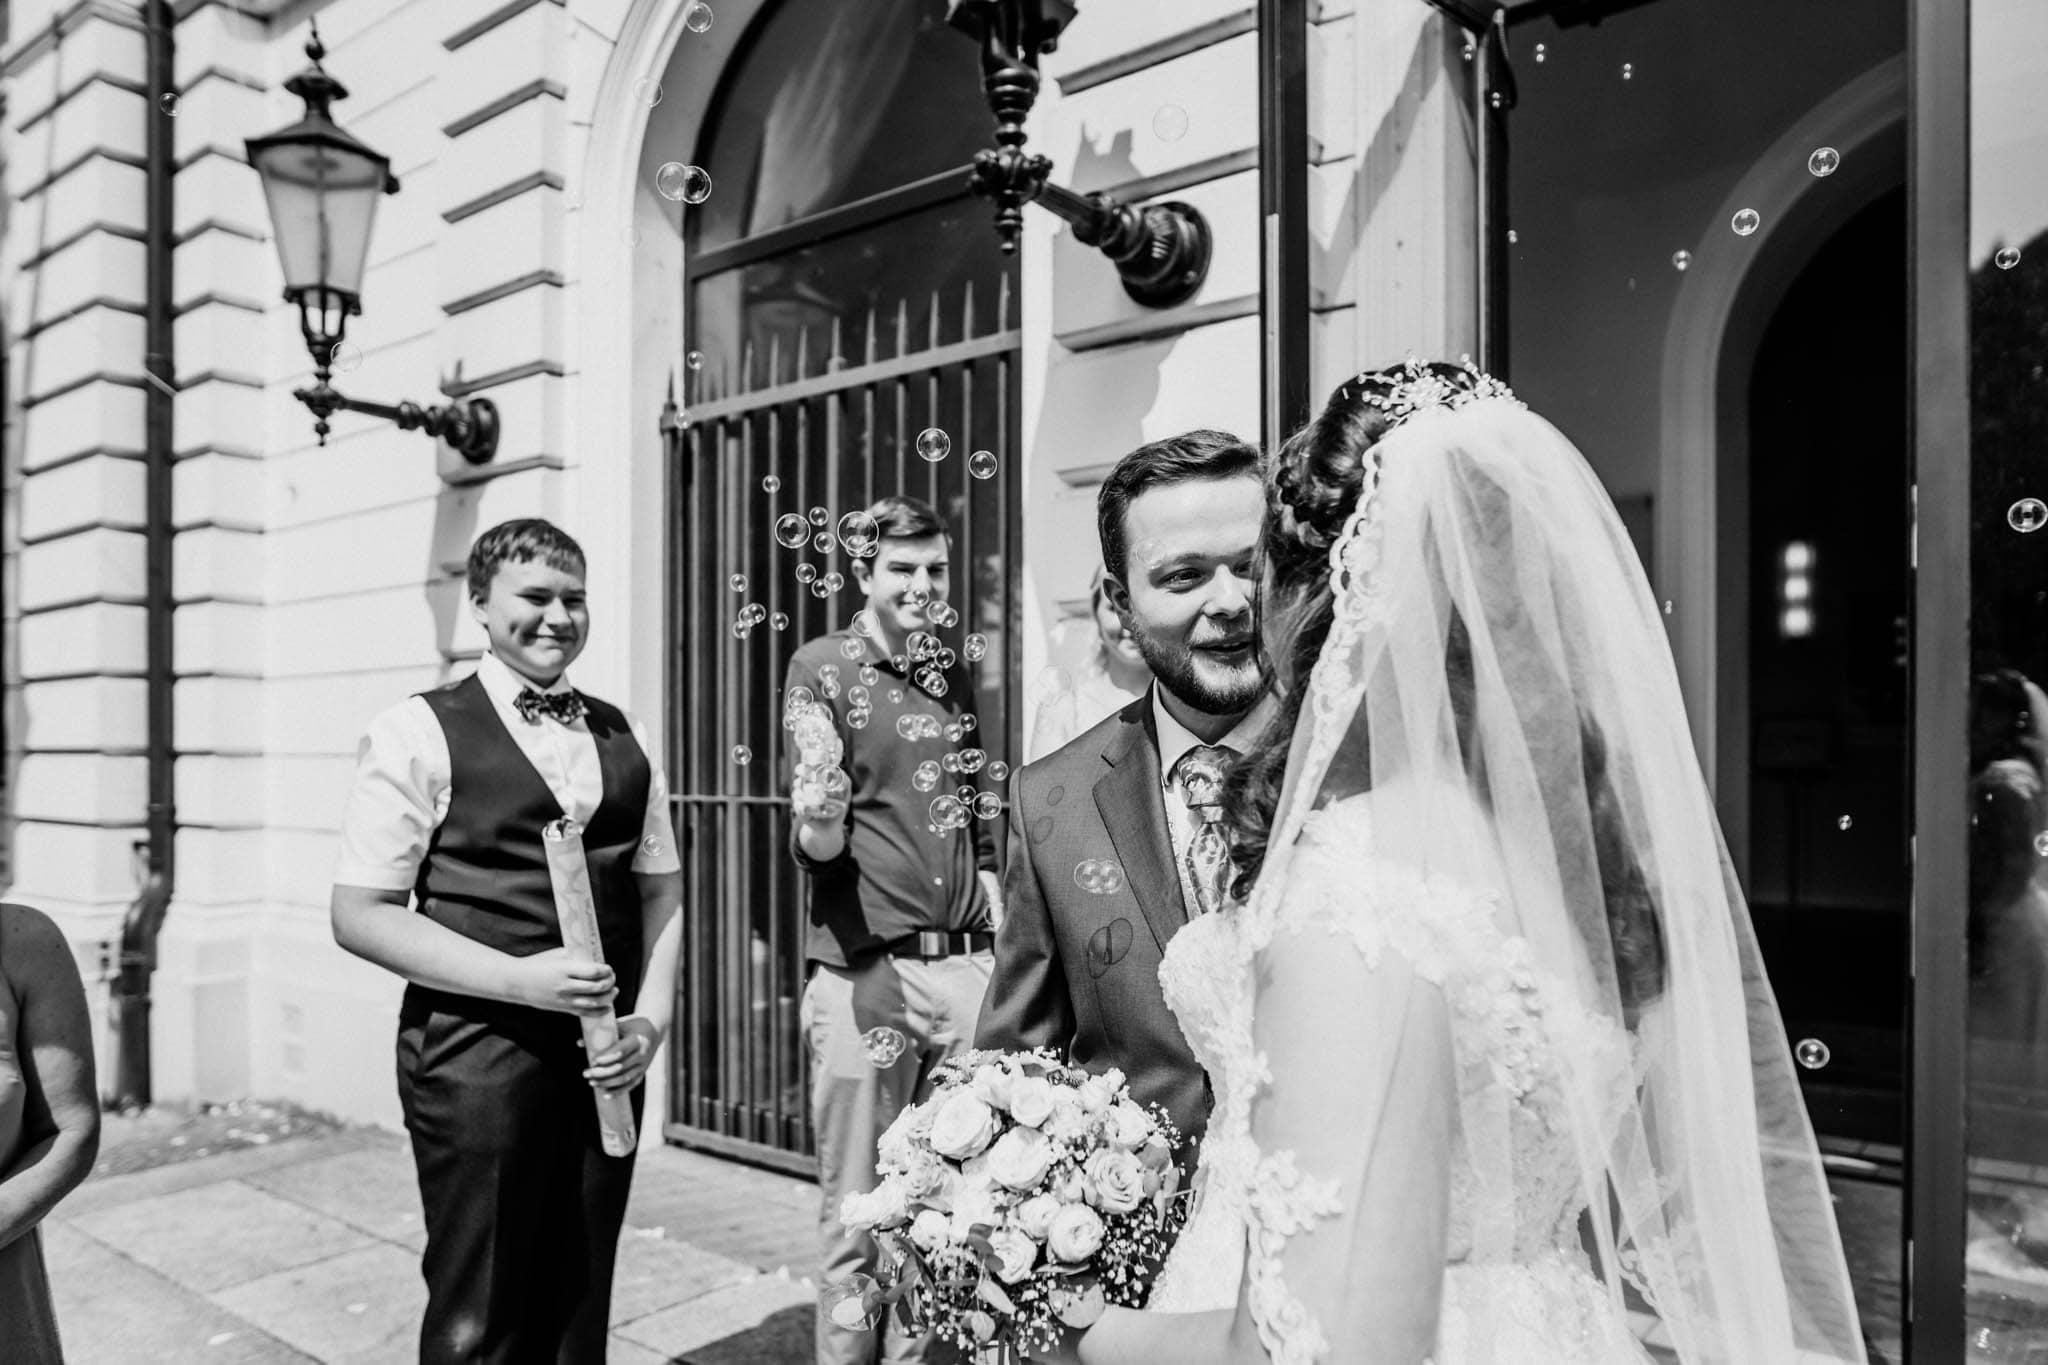 Hochzeitsfieber by Photo-Schomburg, Hochzeitsfotograf, Hamburg, Altona, wedding, Standesamt Altona, Appen, Hochzeitsshooting, Hochzeitstag, Brautpaar-56